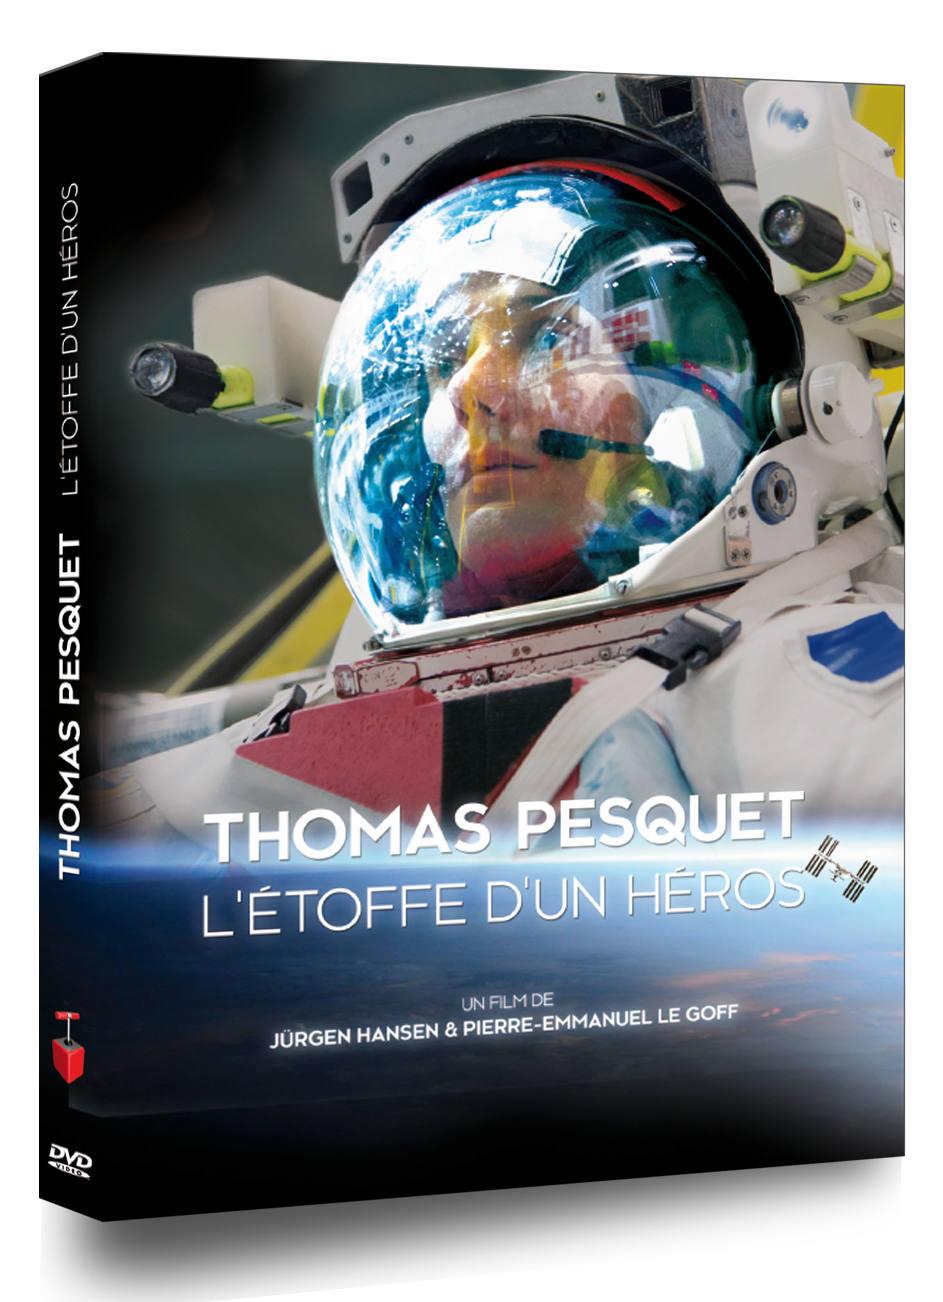 Concours : gagnez le DVD «Thomas Pesquet - L'étoffe d'un héros»